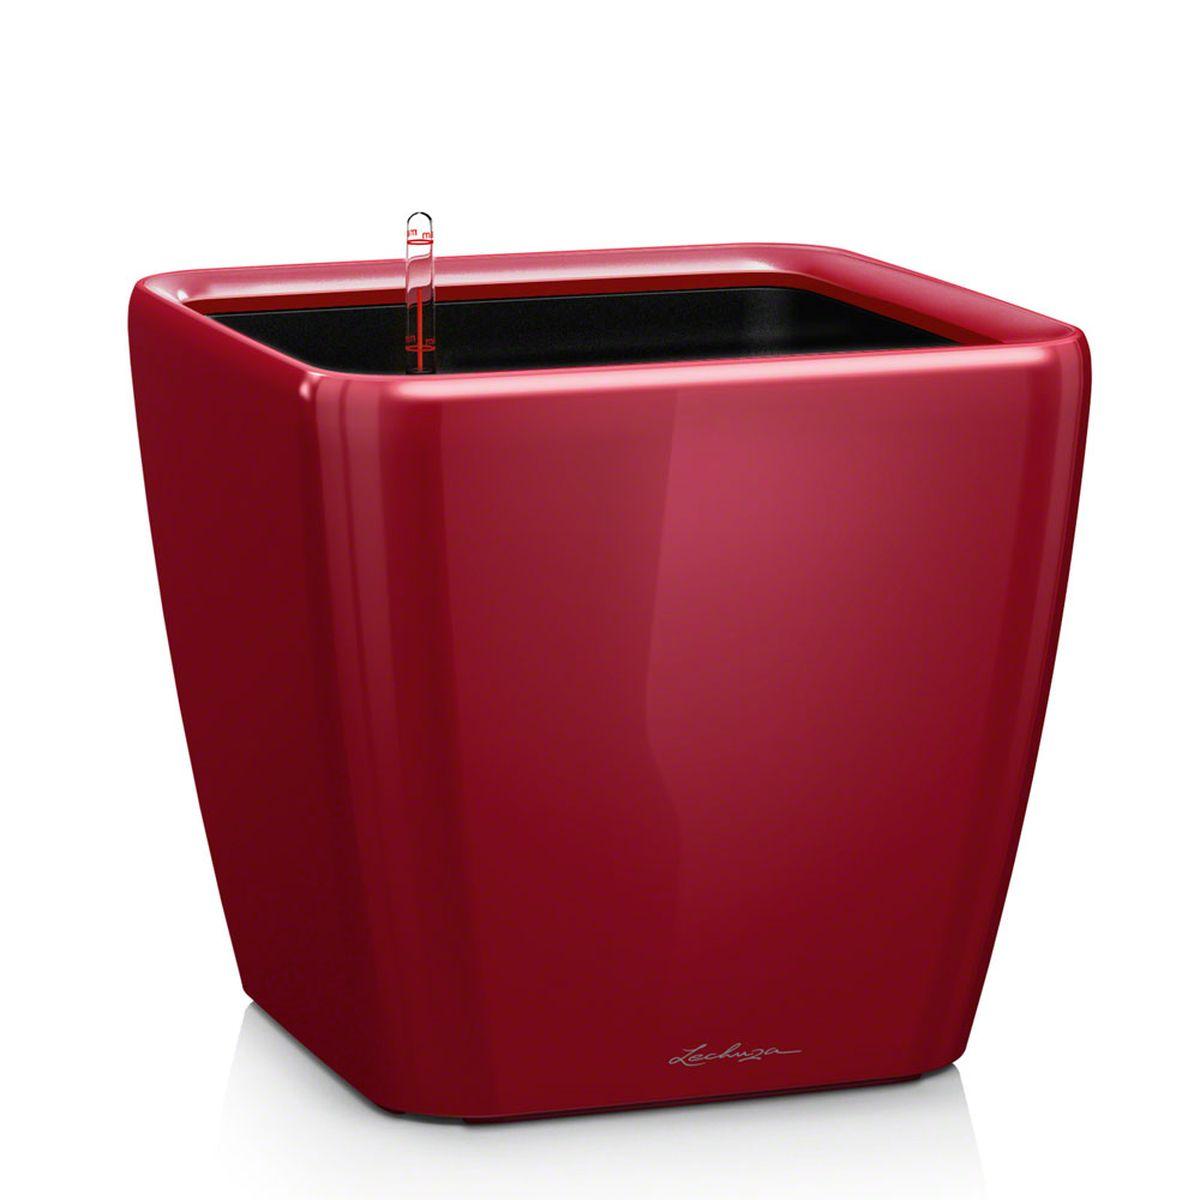 Кашпо с автополивом Lechuza Quadro 50х47 см, красное LS16287Элегантная ручка цвета самого кашпо украшает все наборы Все-в-одном кашпо серии QUADRO. Она не только красиво смотрится, но и обеспечивает возможность легкой замены растений. Особые преимущества: - Запатентованный внутренний горшок - Ручка цвета горшка не только практична, но еще и дополнительно подчеркивает изящный дизайн кашпо - В качестве опции: Подставка на роликах для QUADRO 43 и 50